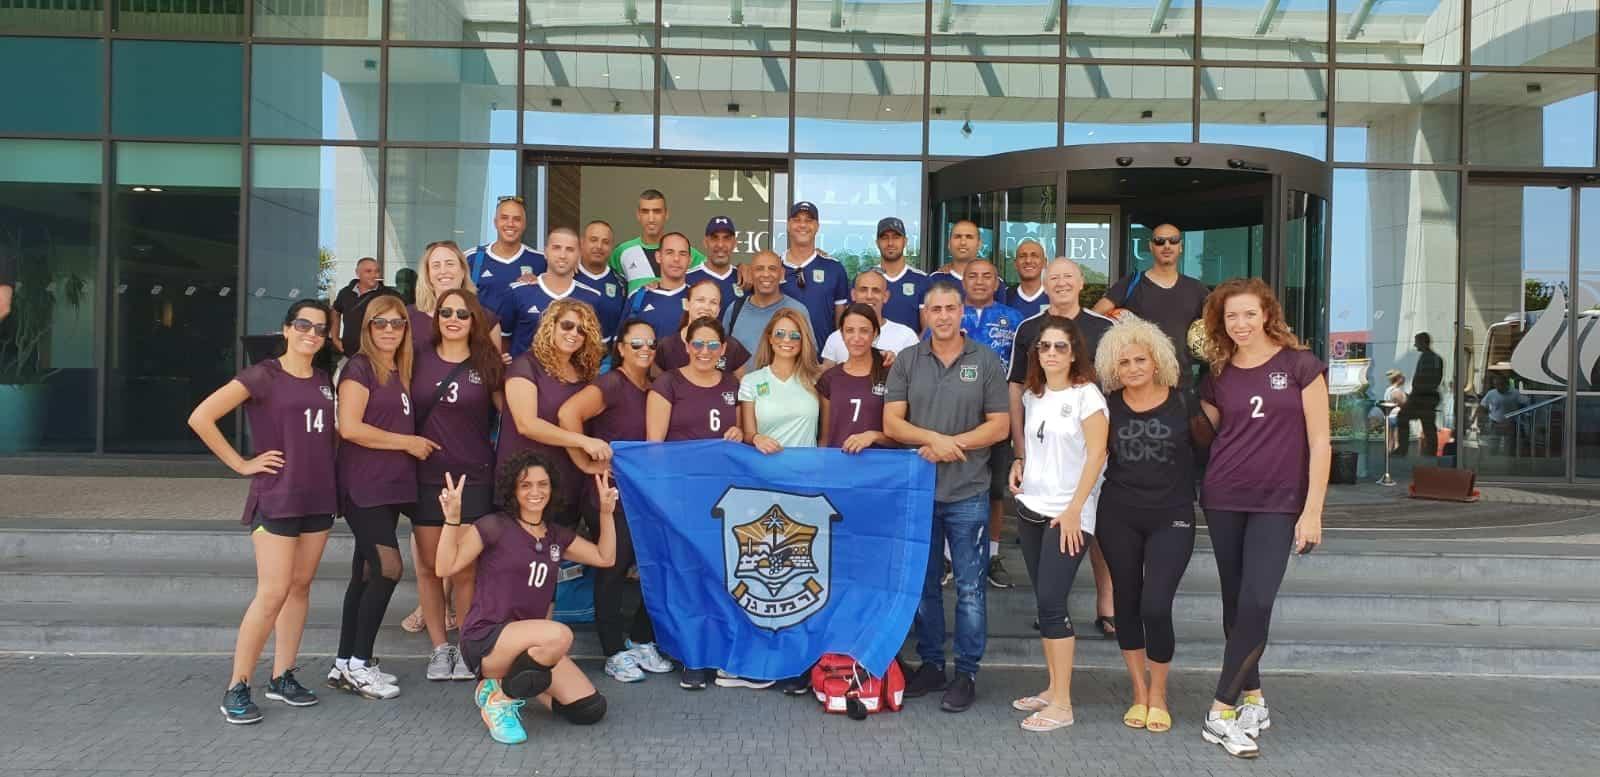 נבחרת הכדורשת של עיריית רמת-גן